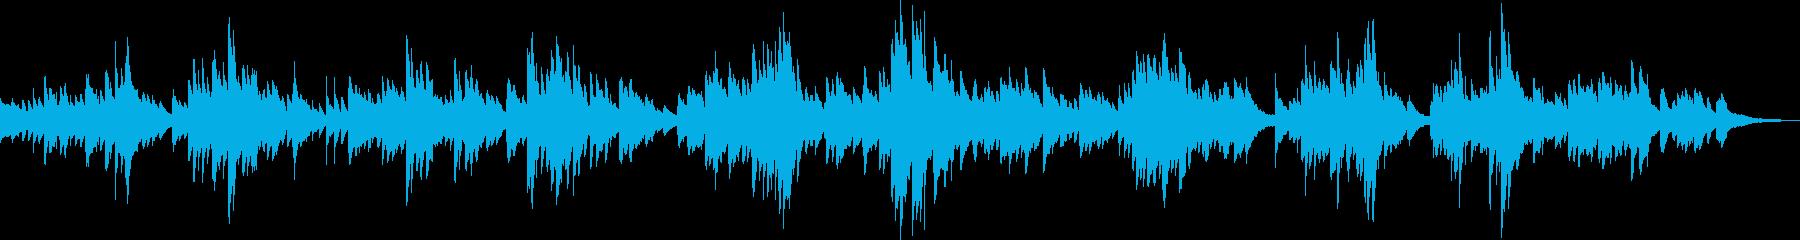 神秘的なピアノBGM(幻想的・美しい)の再生済みの波形